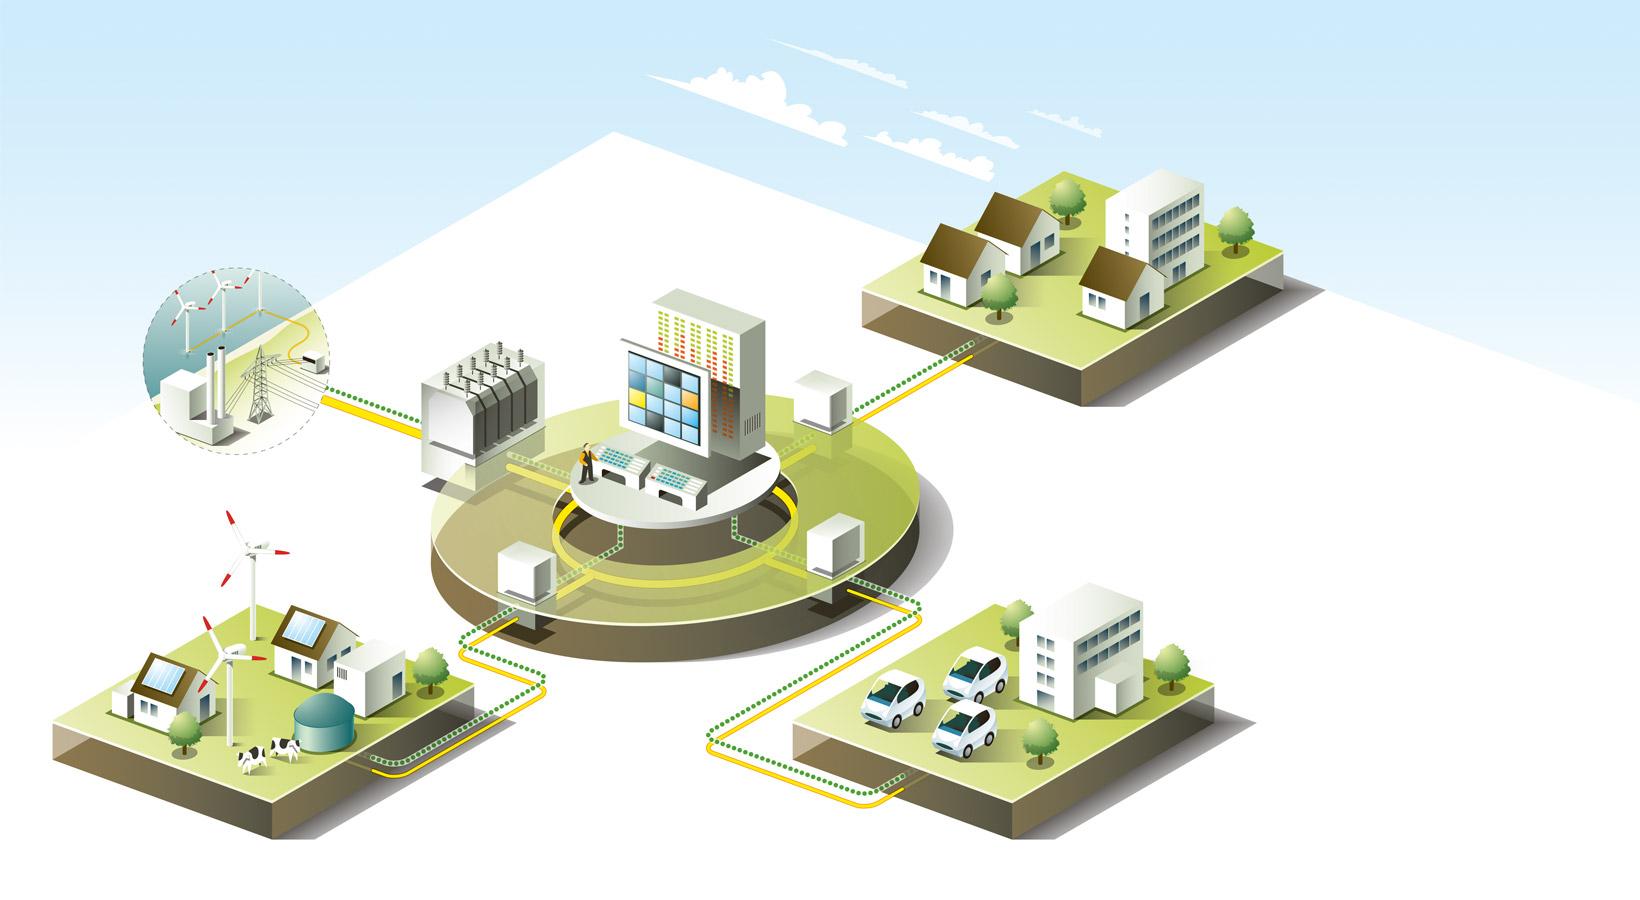 Ilustrasi skema smartgrid